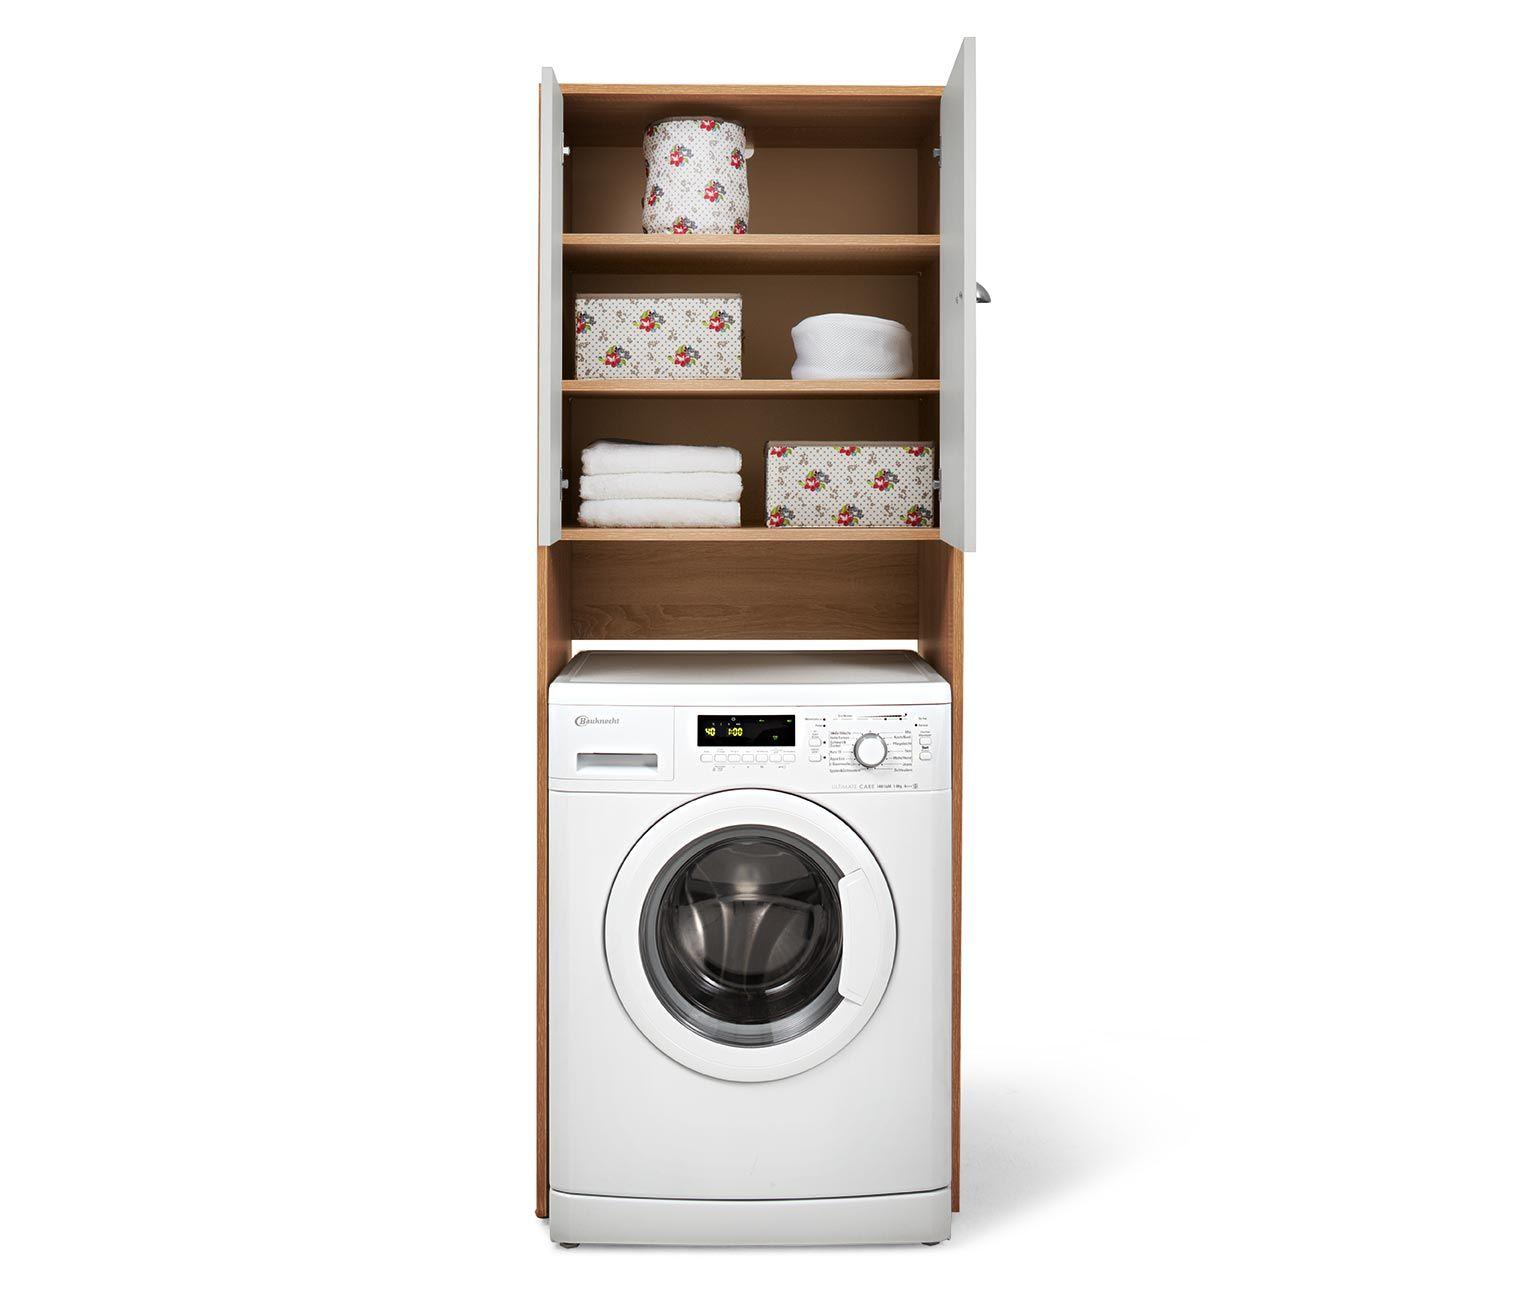 Waschmaschinenschrank Online Bestellen Bei Tchibo 304796